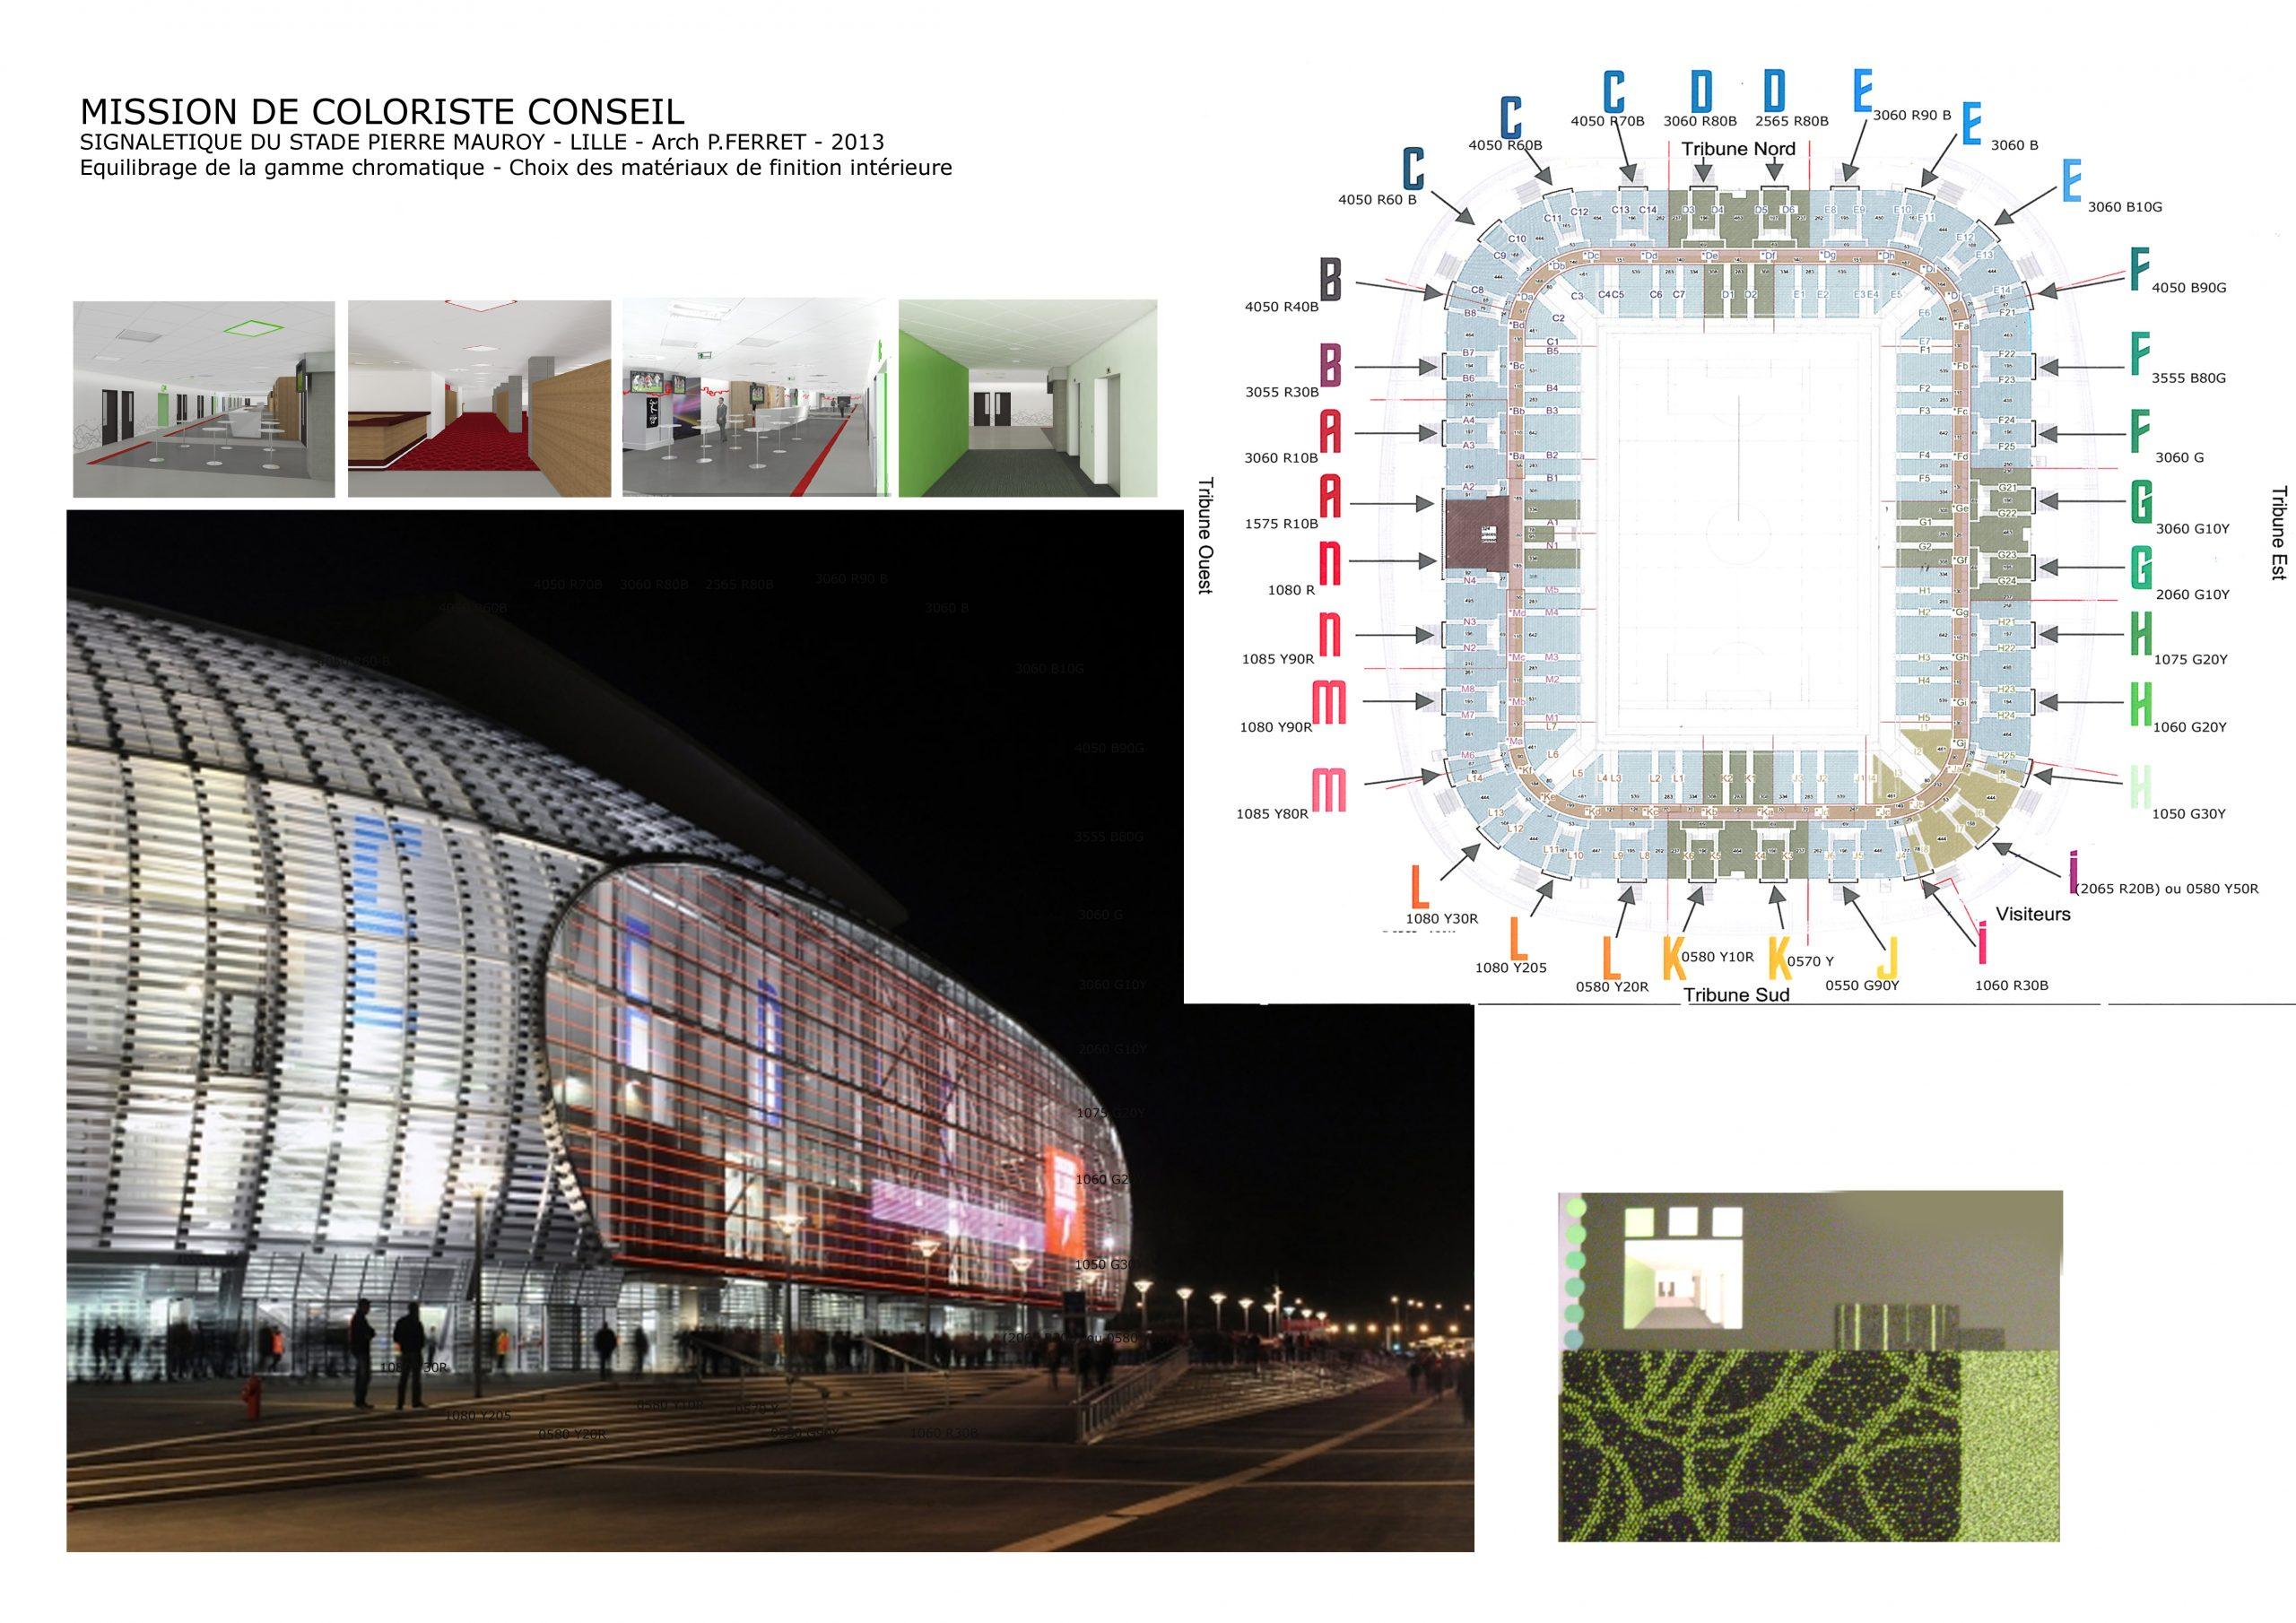 Stade Lille-signalétique et ambiance intérieure-arch Pierre FERRET